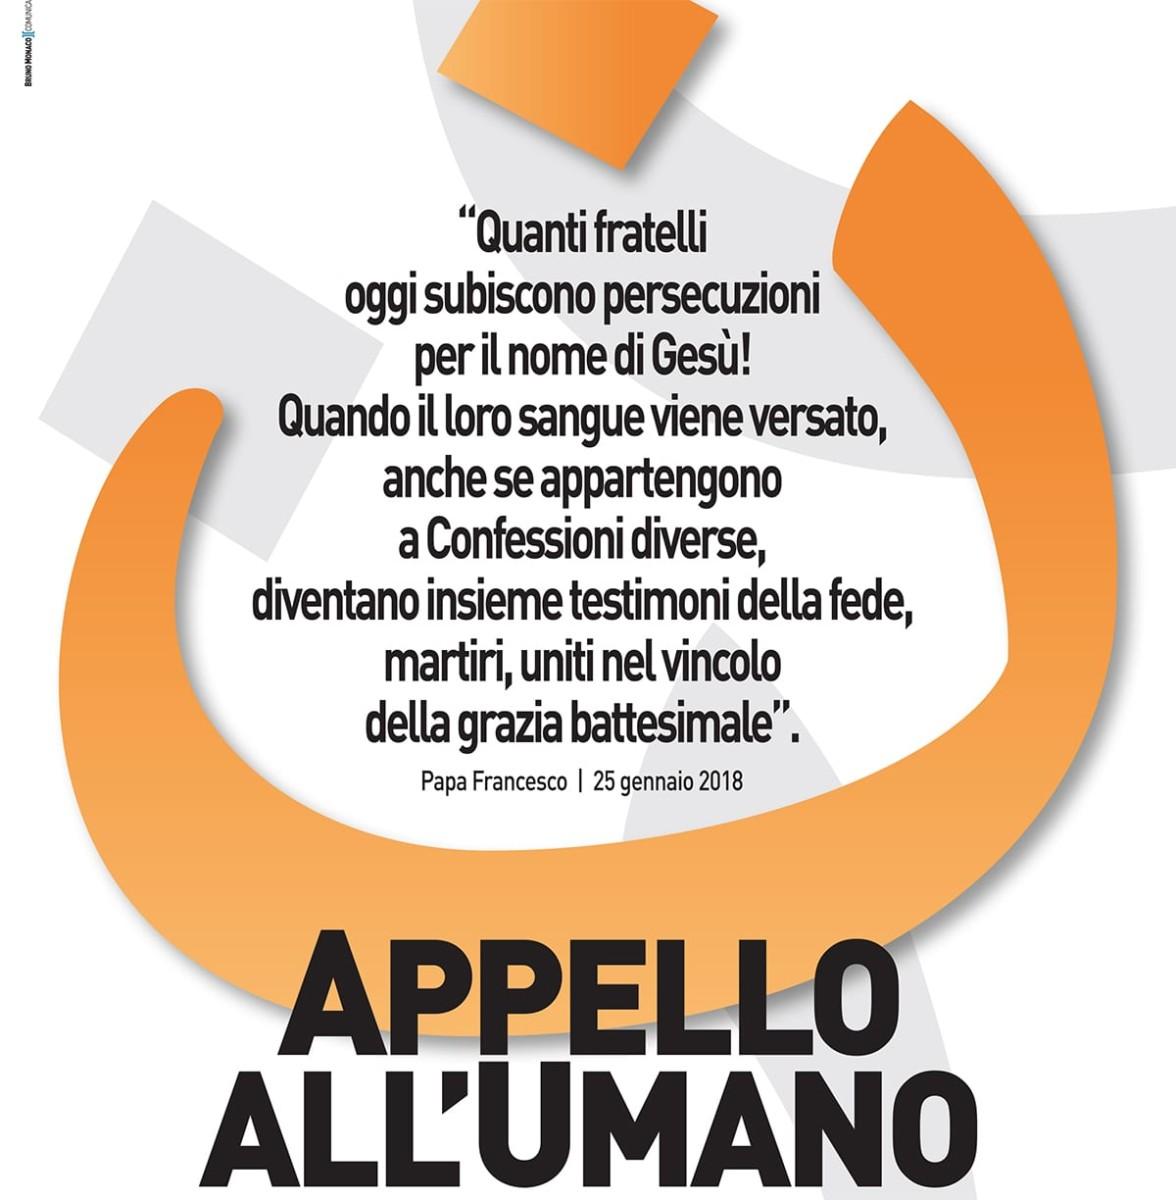 L'Appello all'Umano questa sera con Alessandro Monteduro